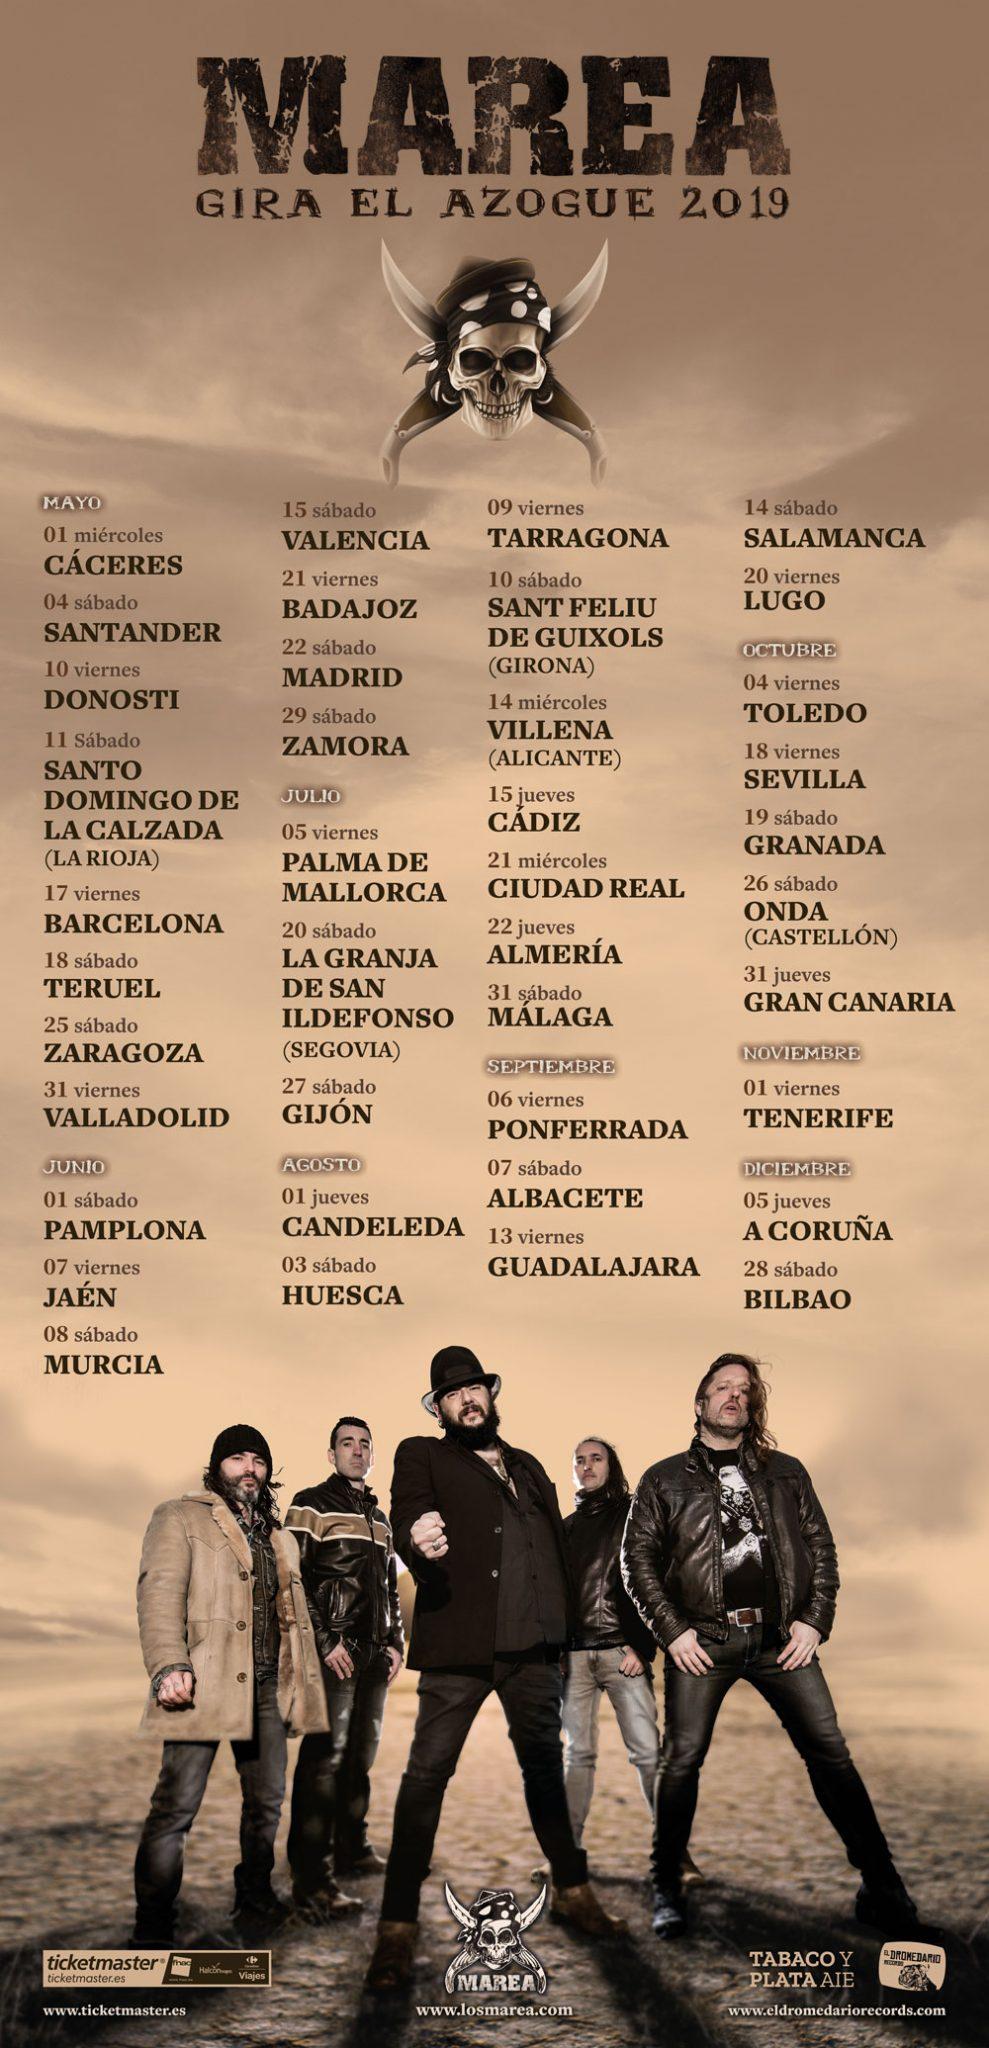 Marea ha vuelto y elige las Fiestas de la Encina 2019 de Ponferrada como una de sus citas para presentar 'El Azogue' su nuevo disco 2